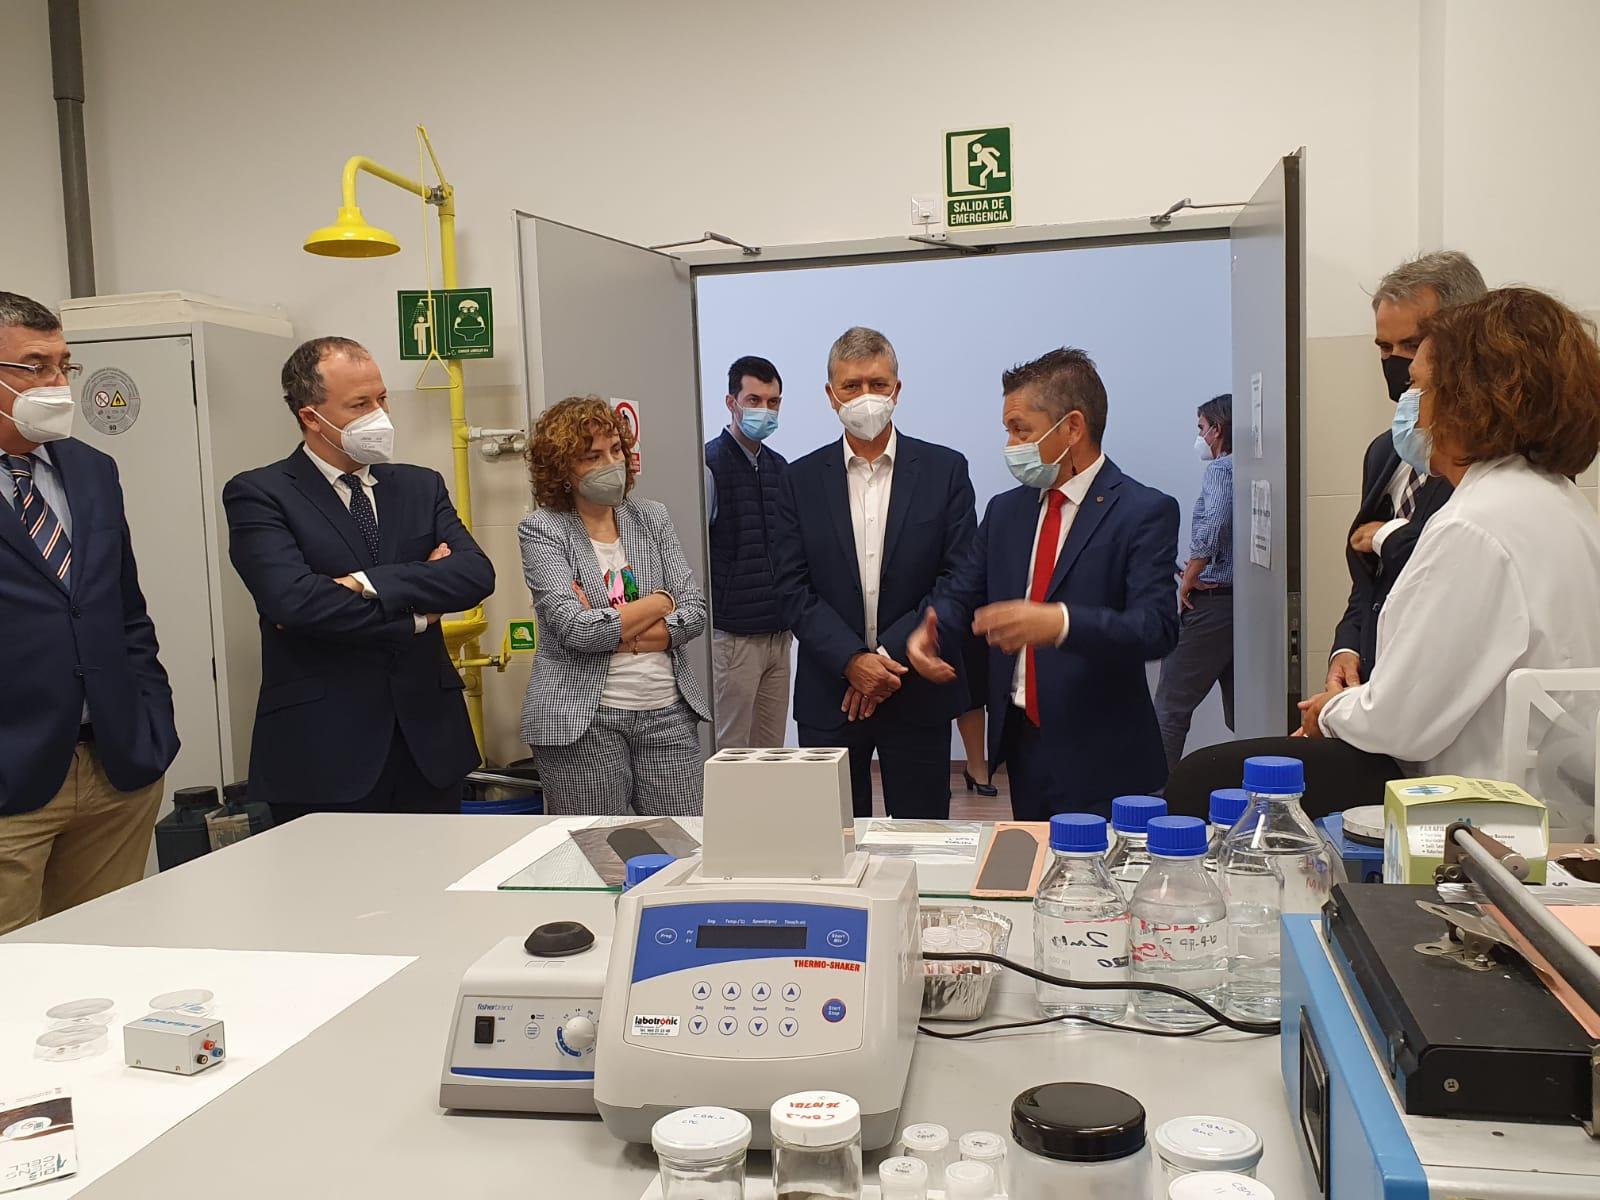 El conseller de Economía Sostenible visita la red de institutos tecnológicos con el presidente de Les Corts